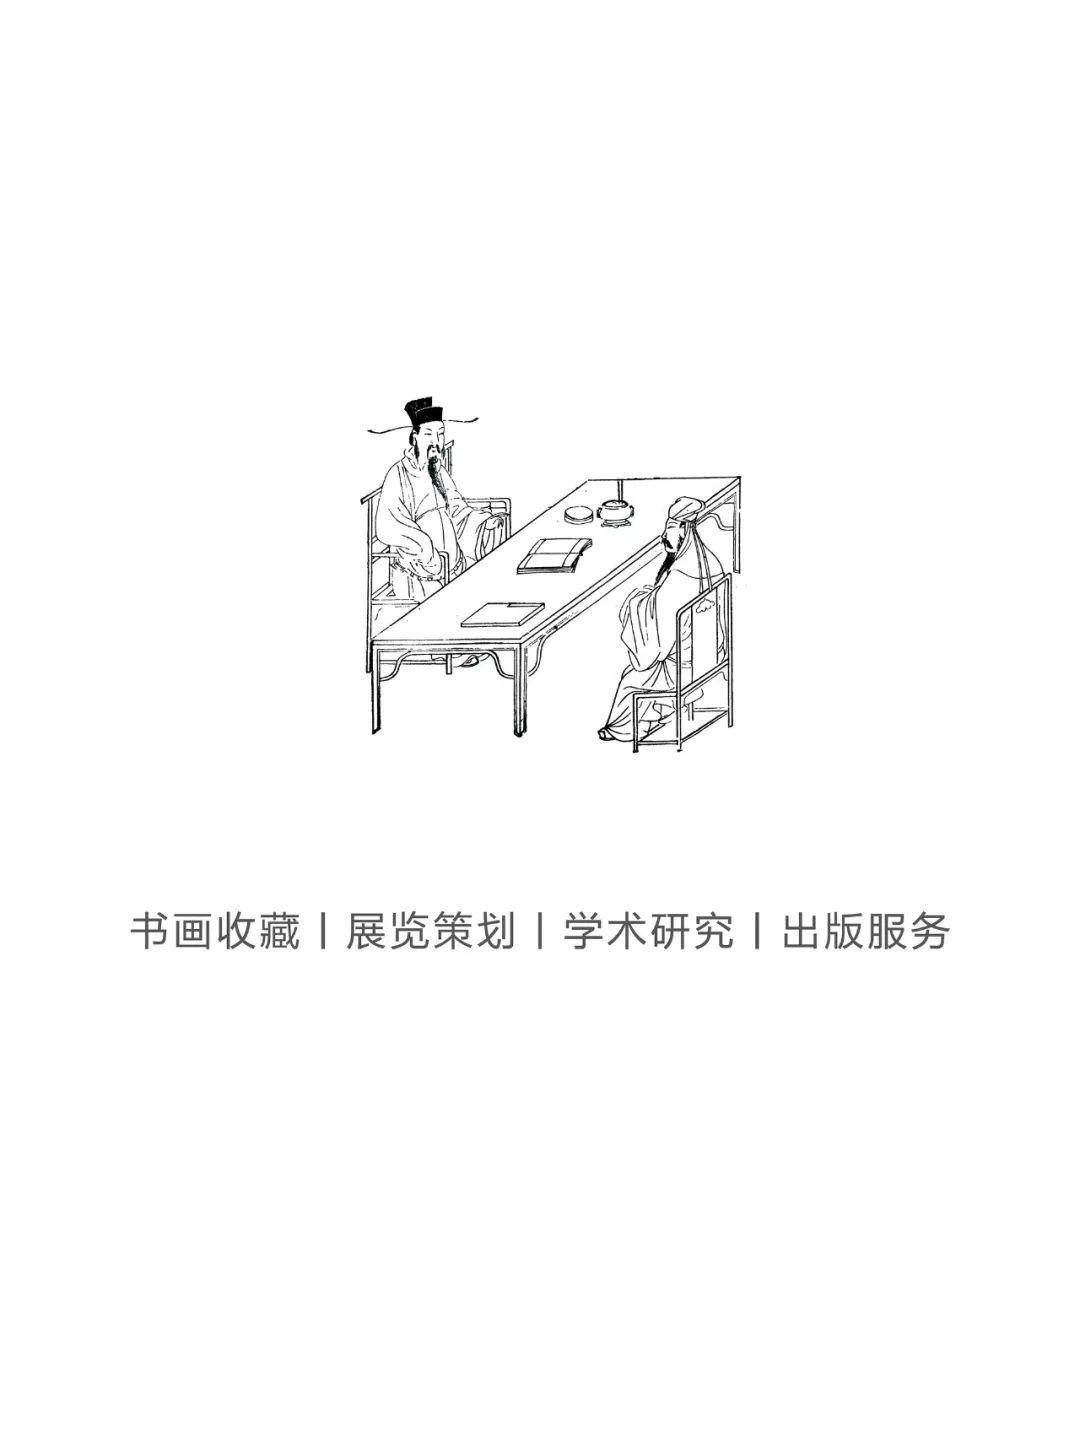 私享品鉴丨中国艺术研究院·王德芳:白孔雀